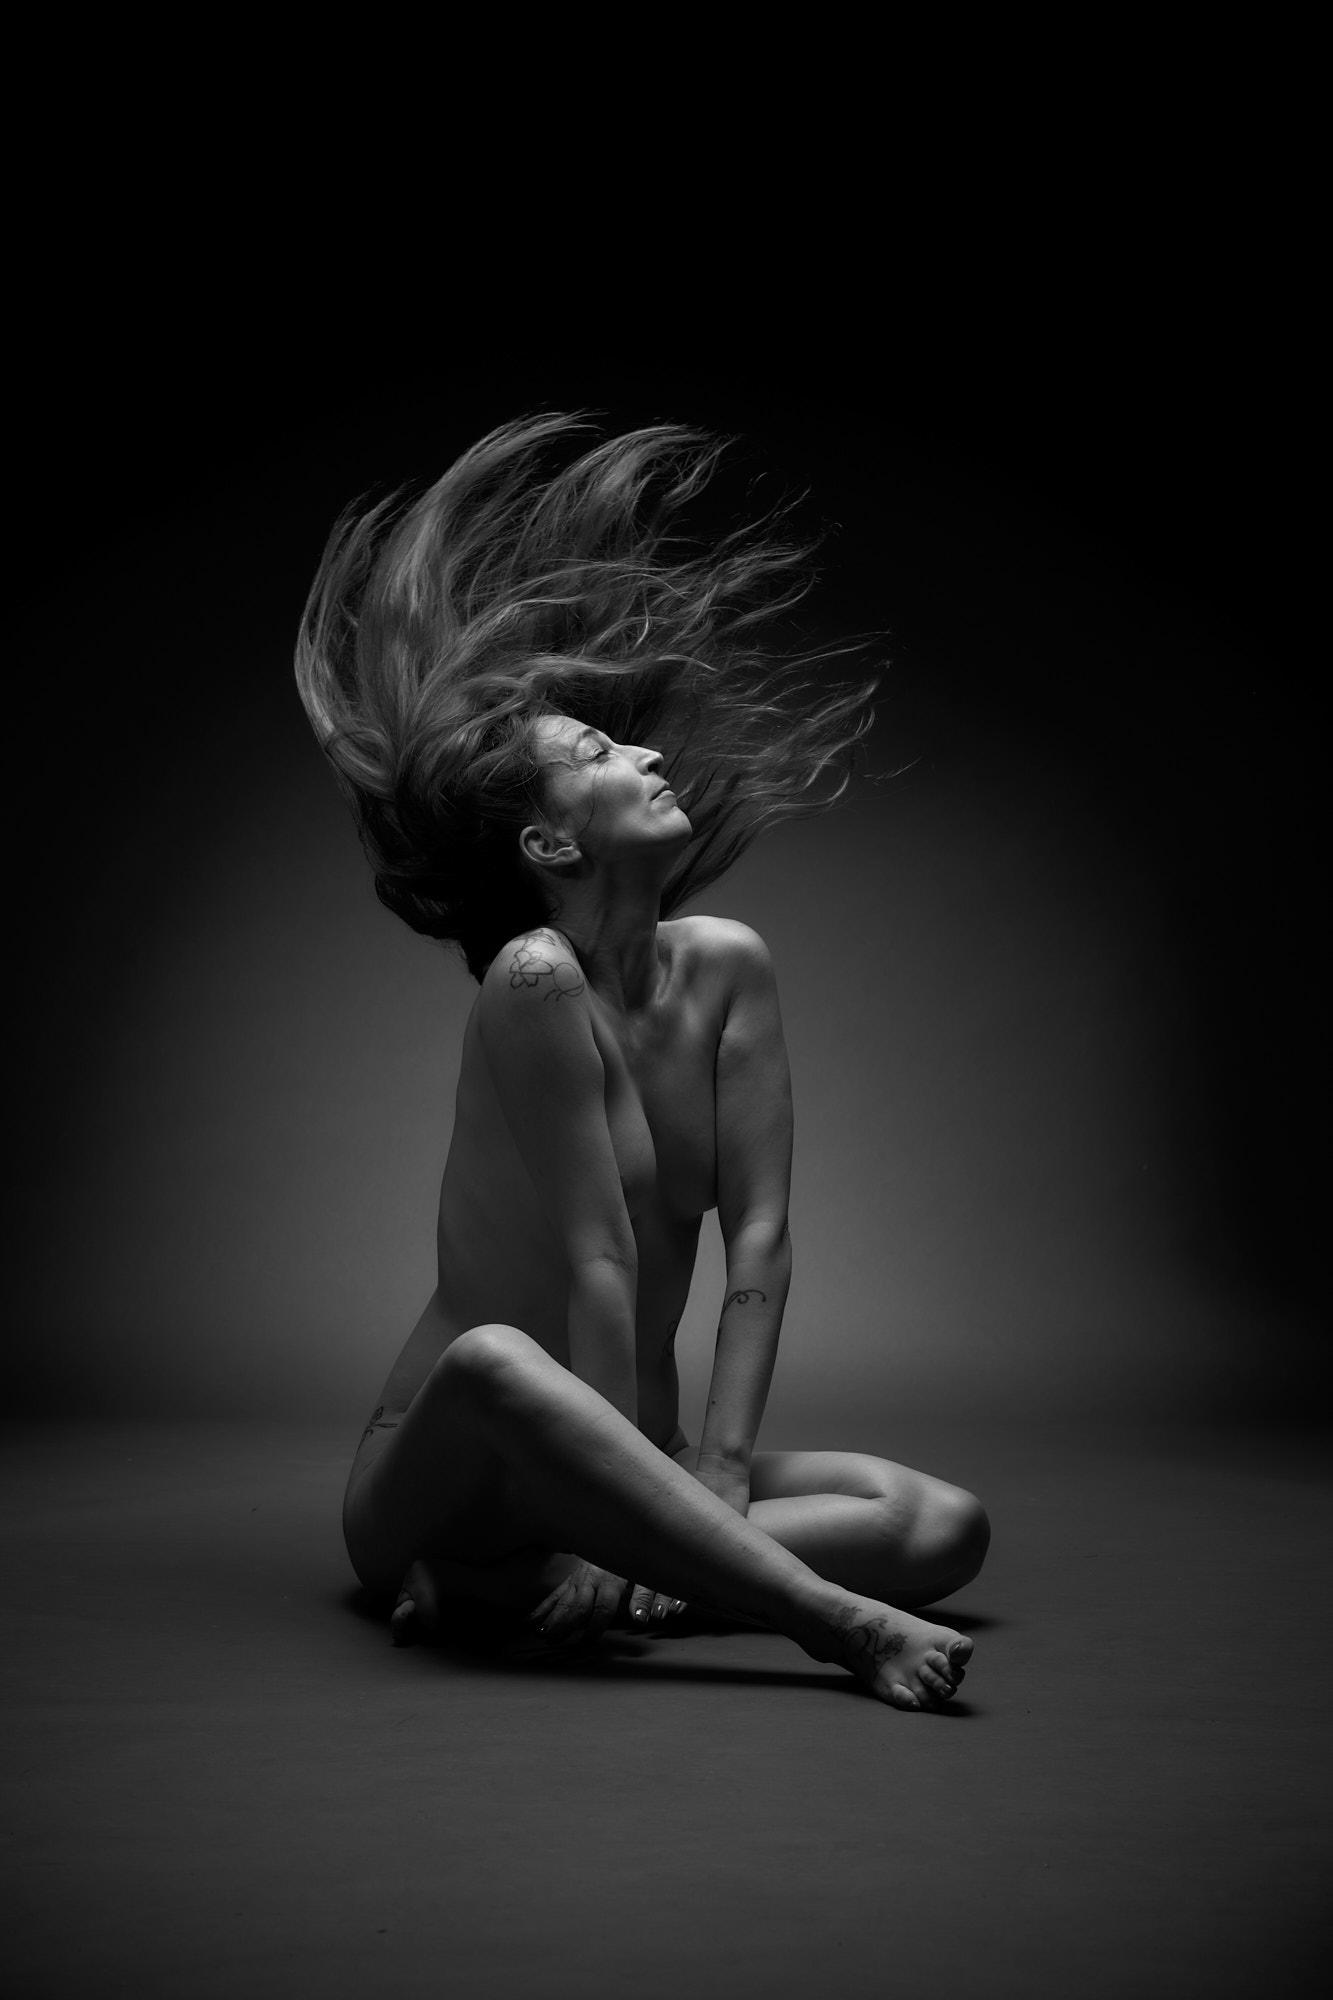 Femme nue assise au sol en mouvement